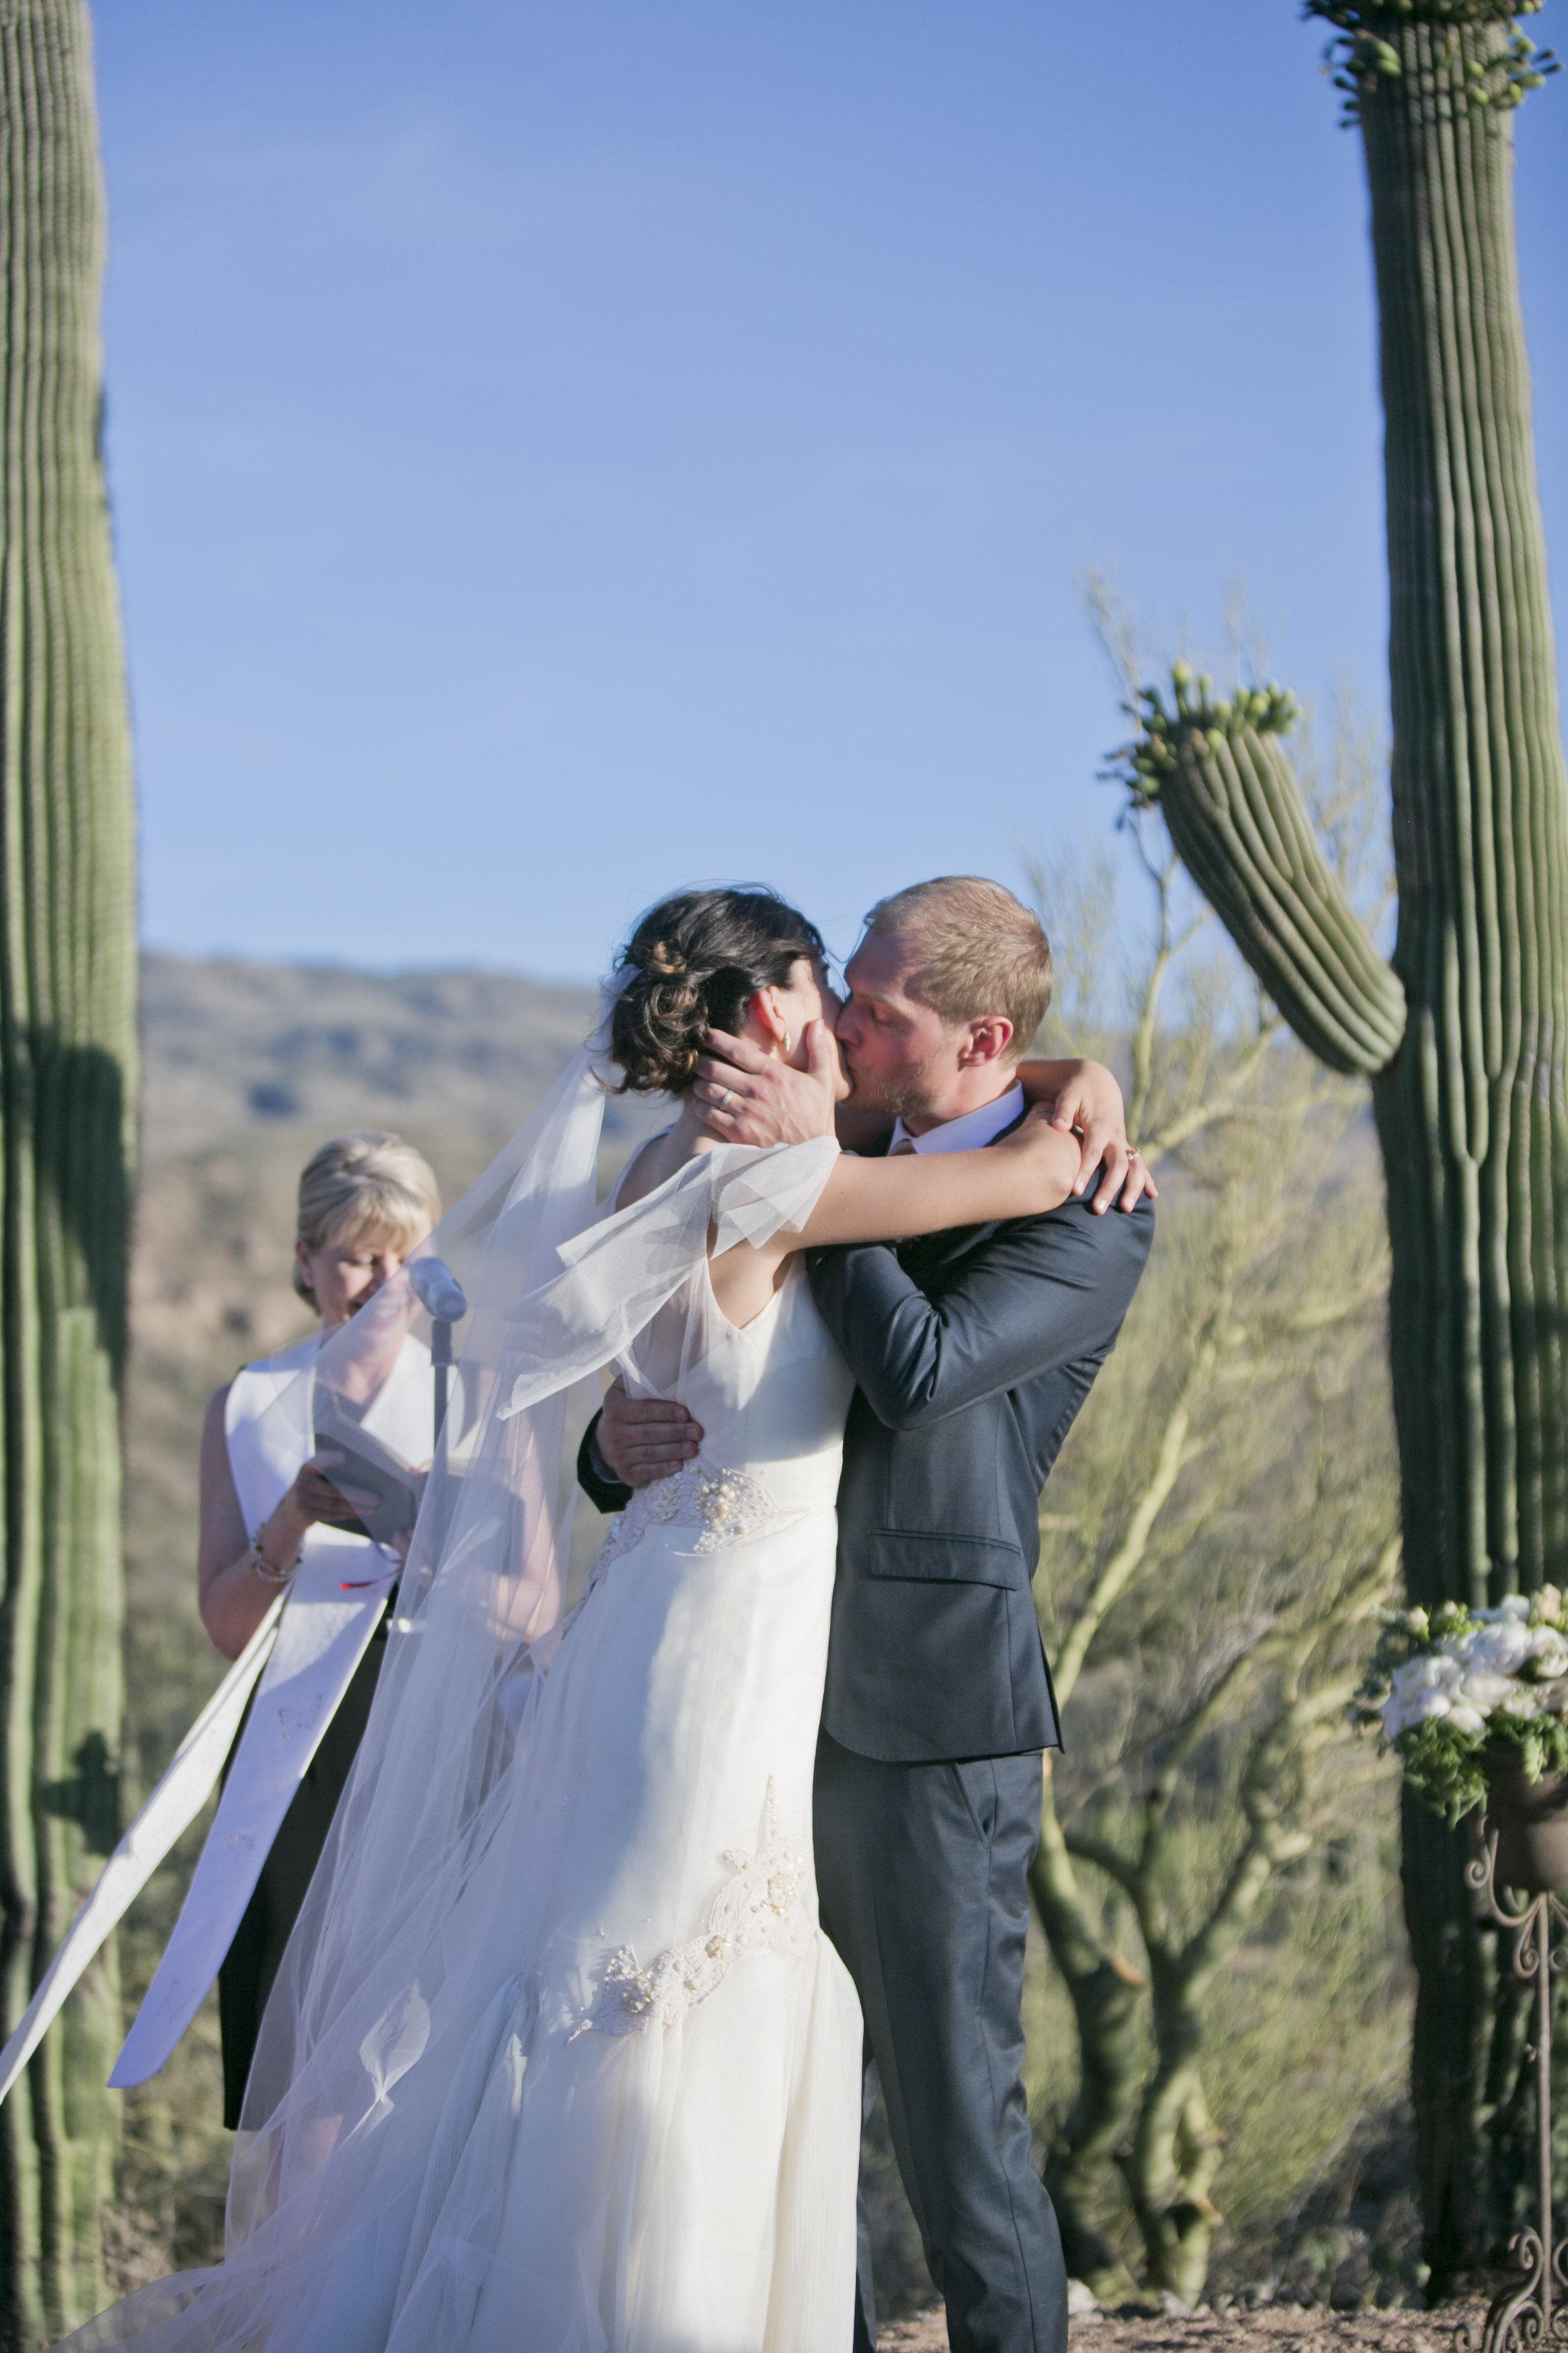 Ceci_New_York_Ceci_Style_Ceci_Johnson_Luxury_Lifestyle_Arizona_Wedding_Watercolor_Inspiration_Design_Custom_Couture_Personalized_Invitations_123.jpg